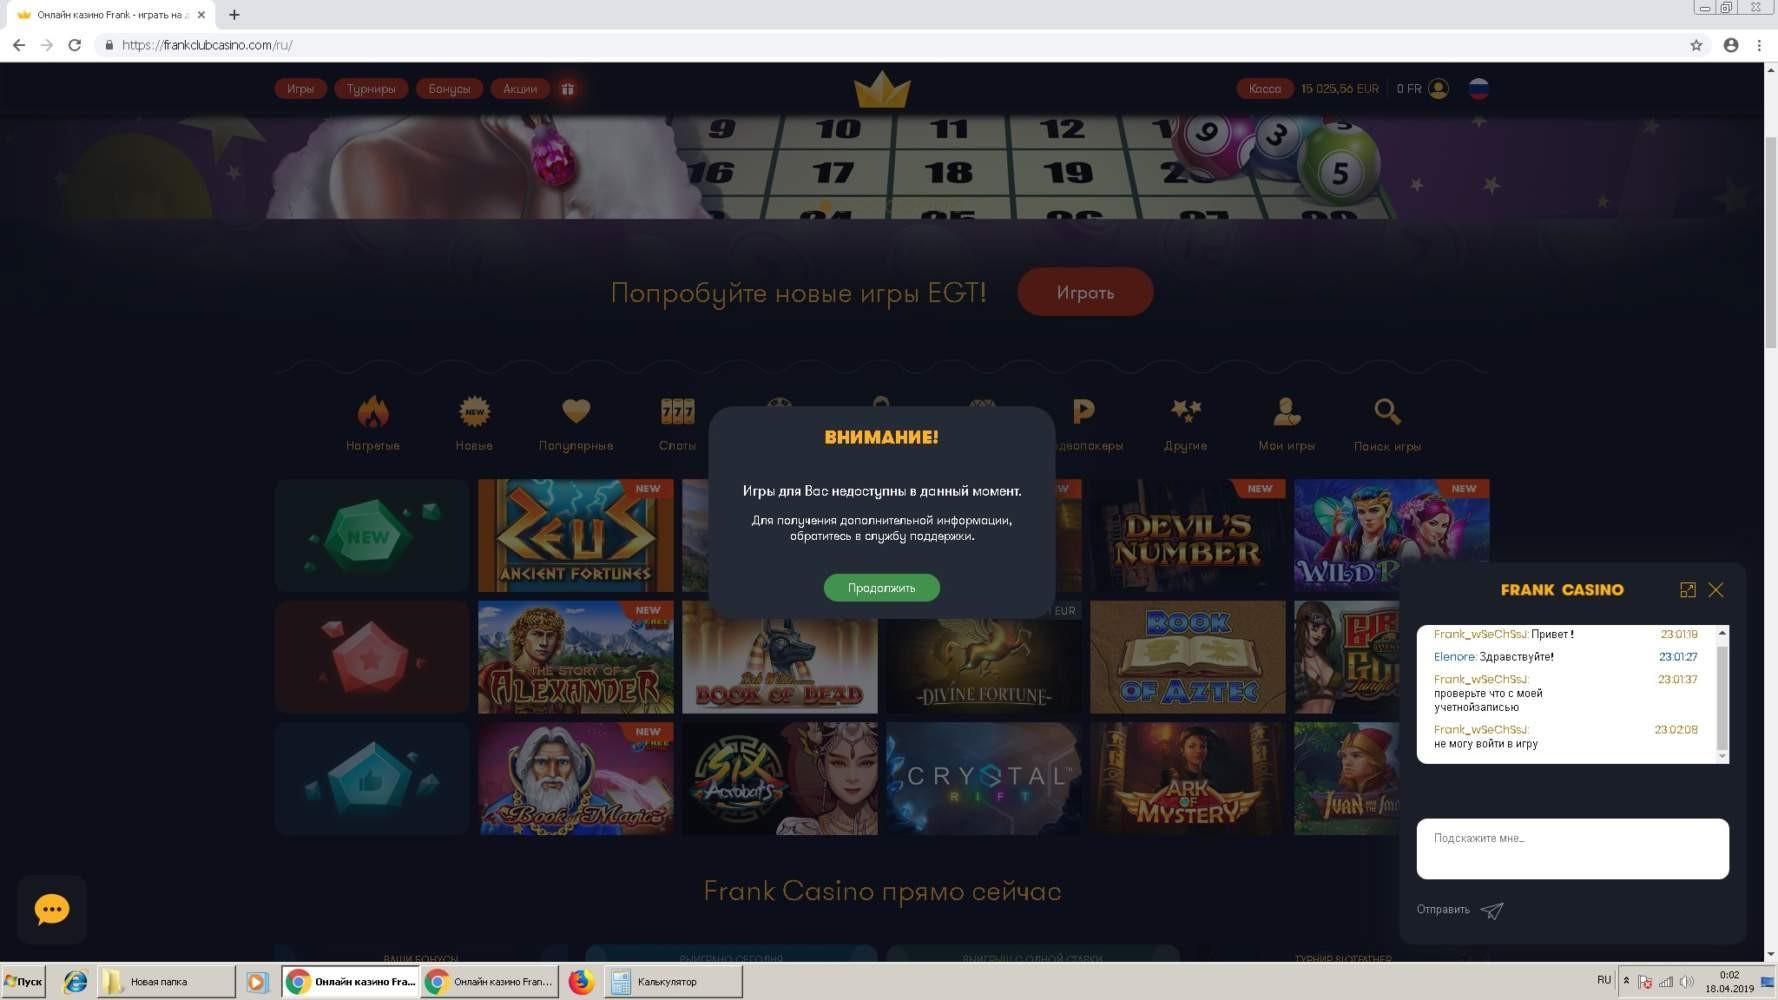 официальный сайт почему не заходит в казино frank